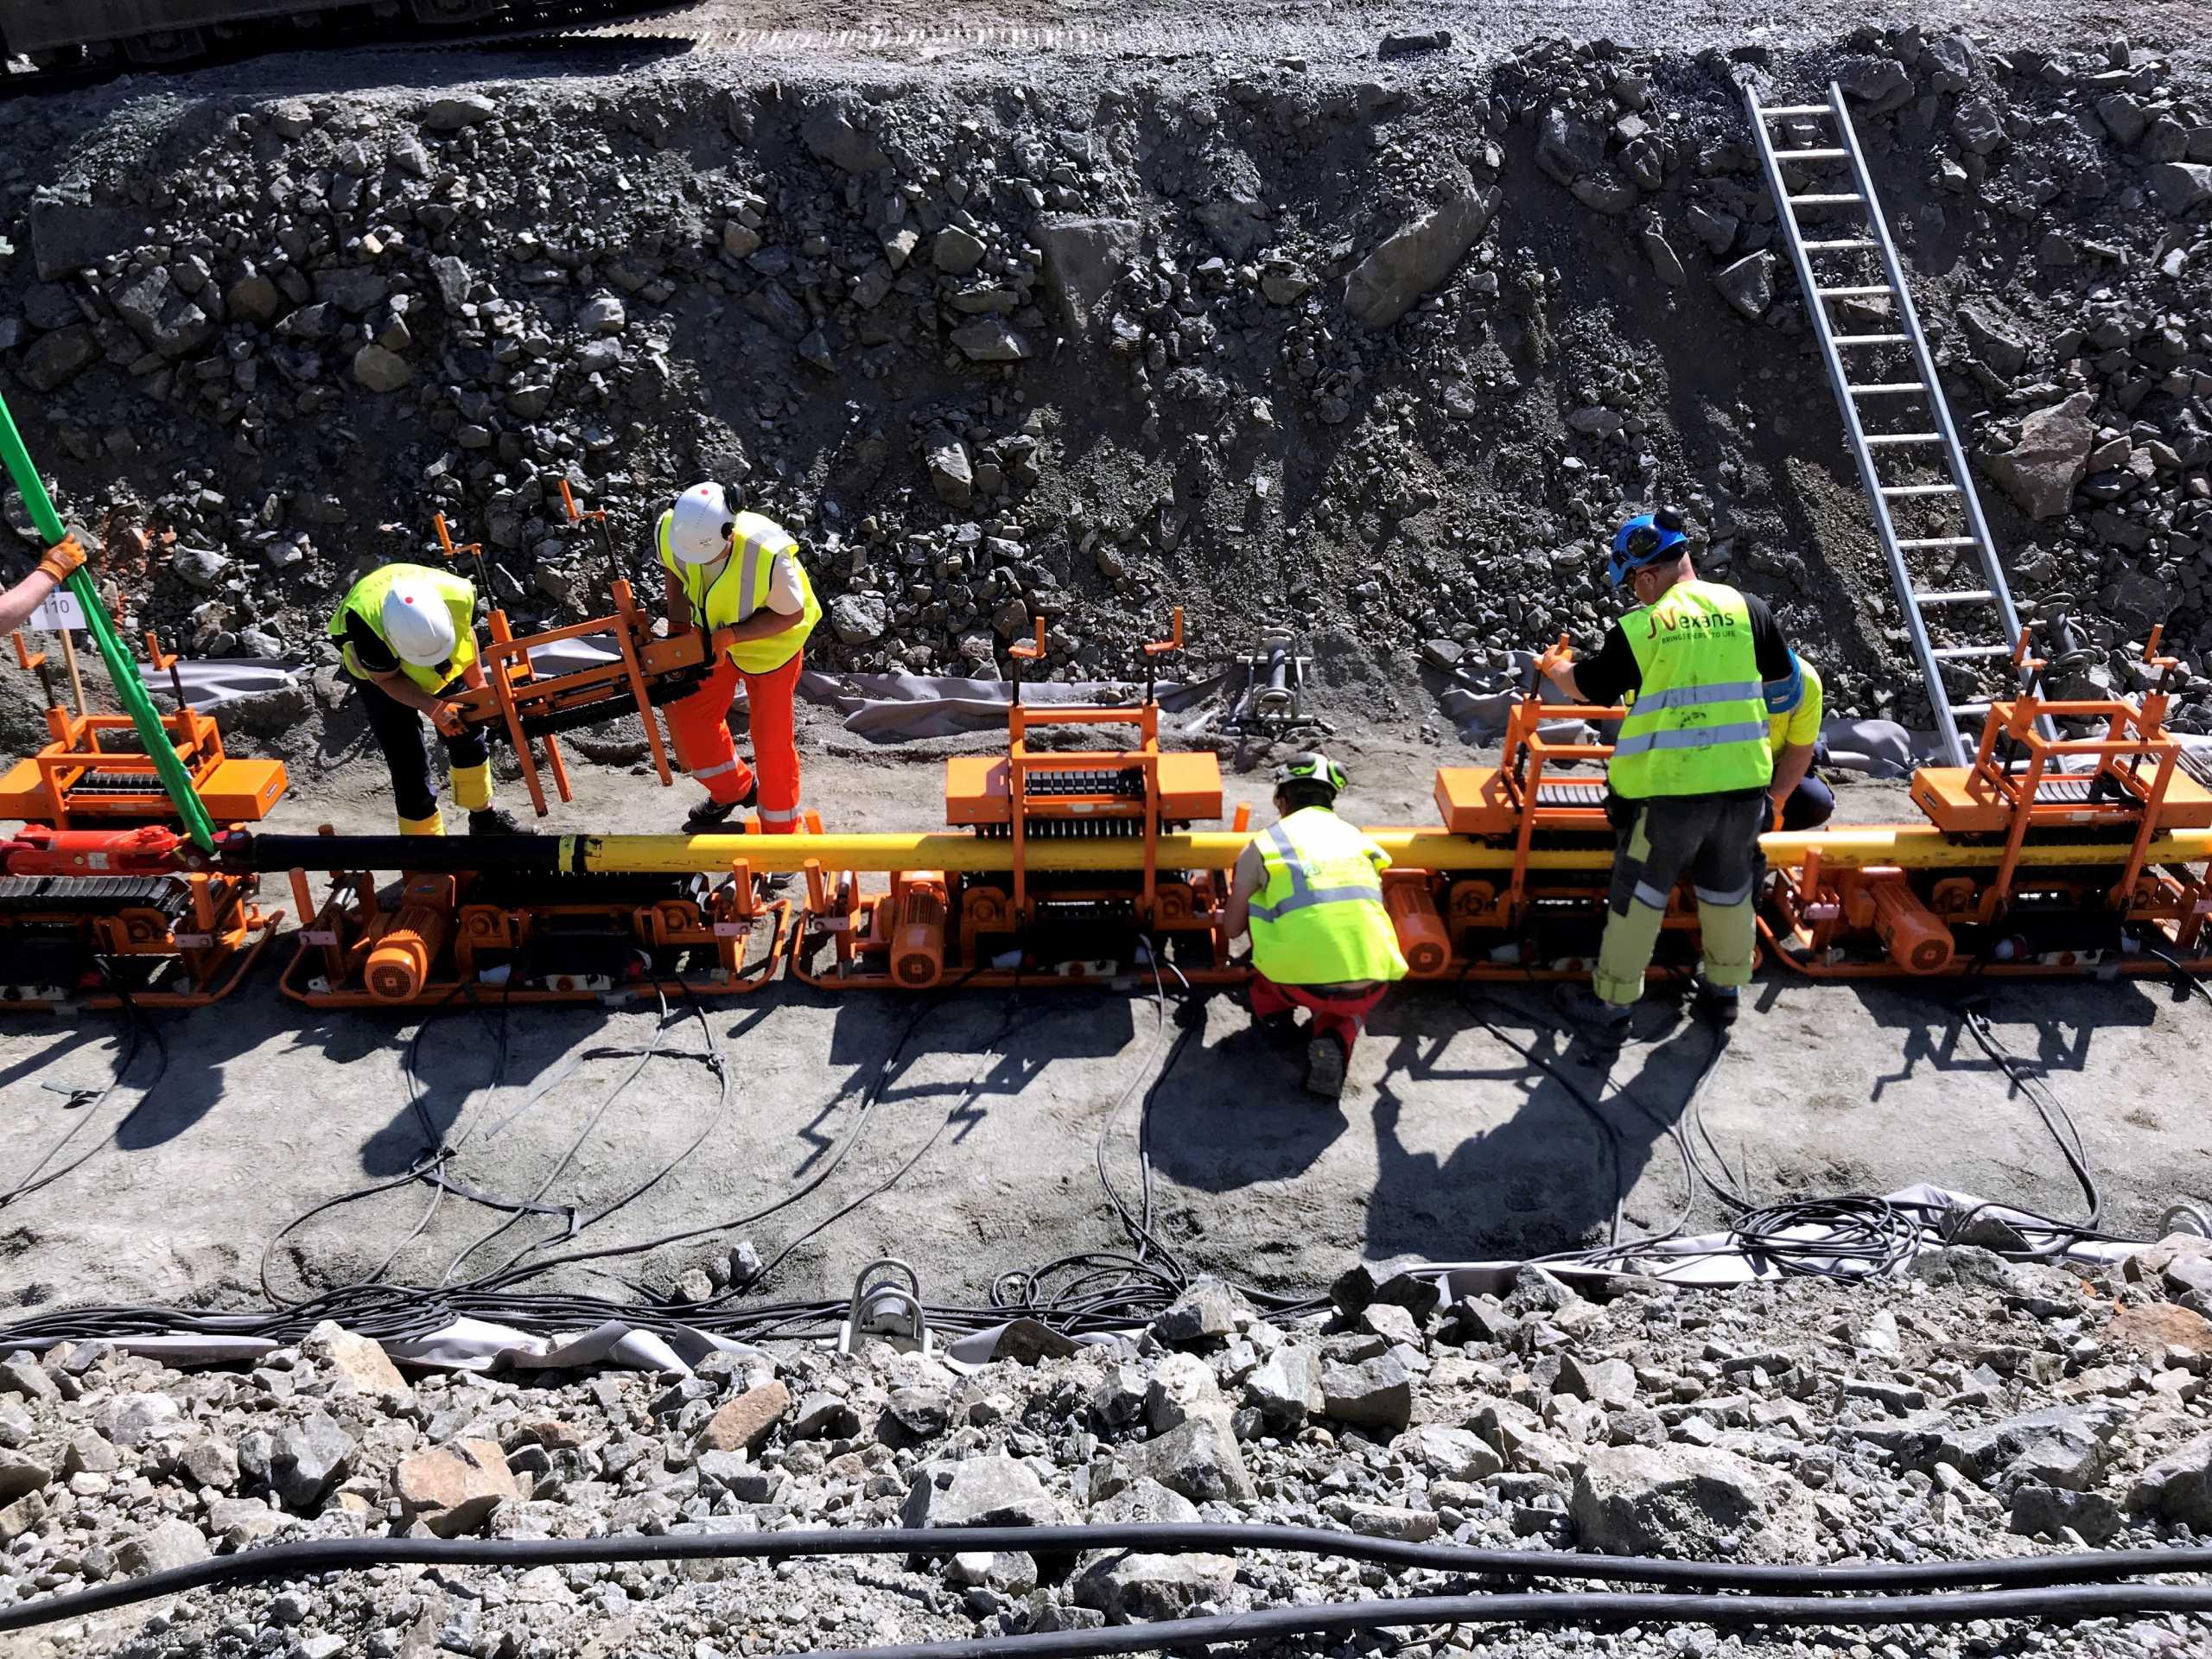 Βρετανία και Νορβηγία μοιράζονται ηλεκτρική ενέργεια με υποθαλάσσιο καλώδιο «μαμούθ» 720 χλμ.